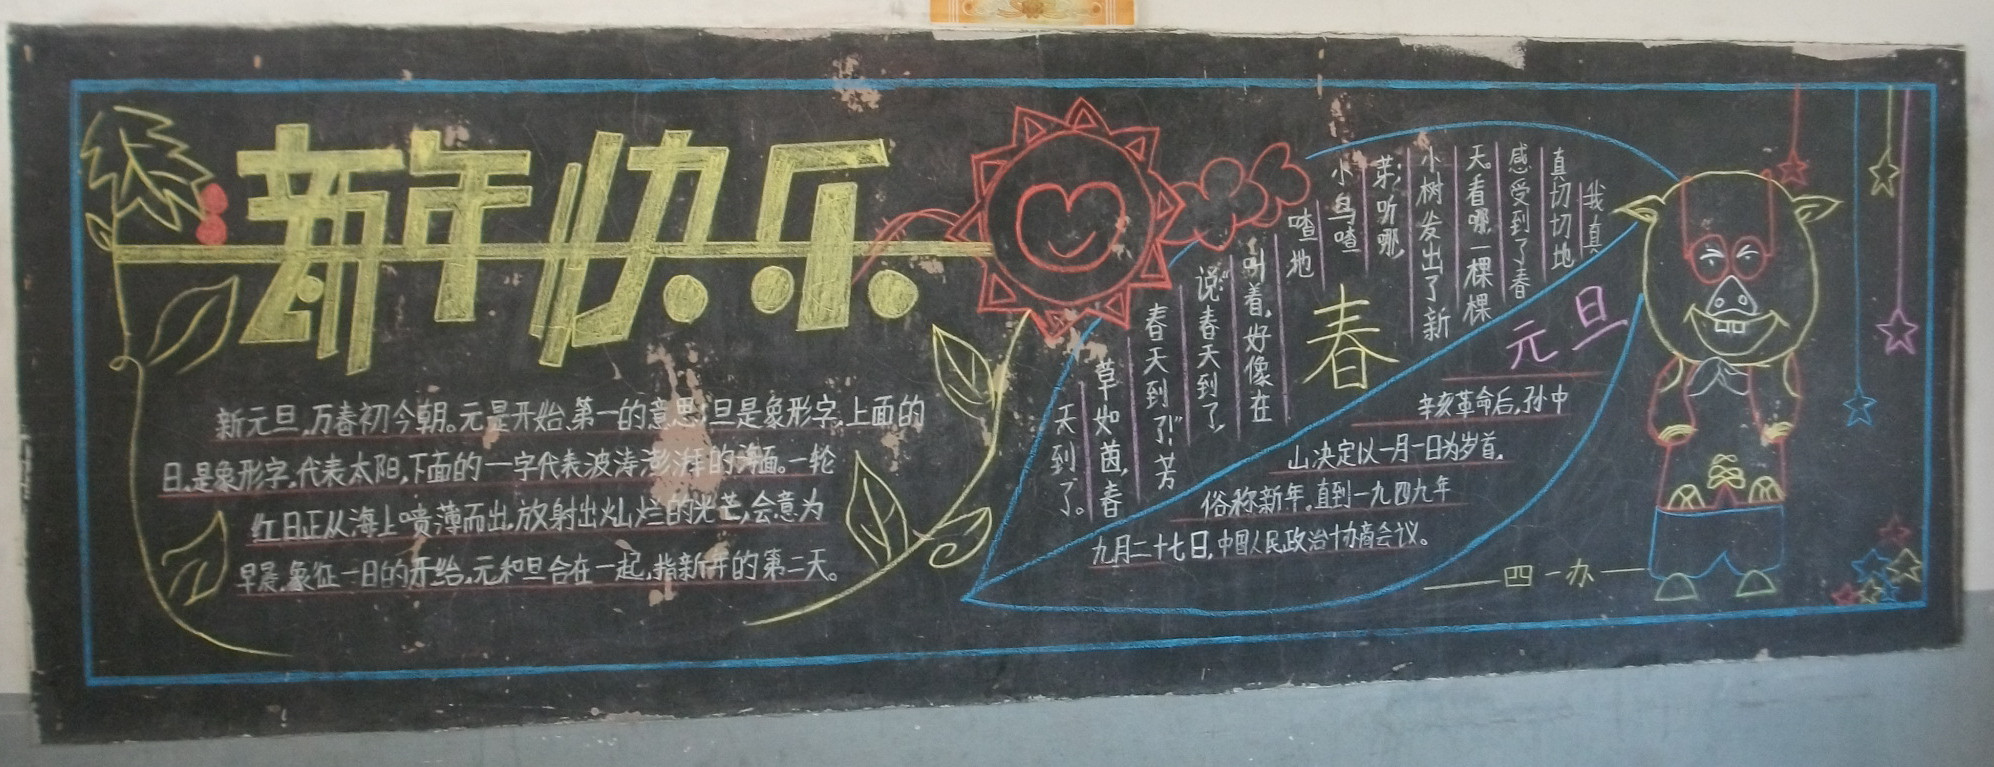 小学生庆元旦黑板报:欢庆元旦-庆元旦黑板报资料 庆元旦 迎新年